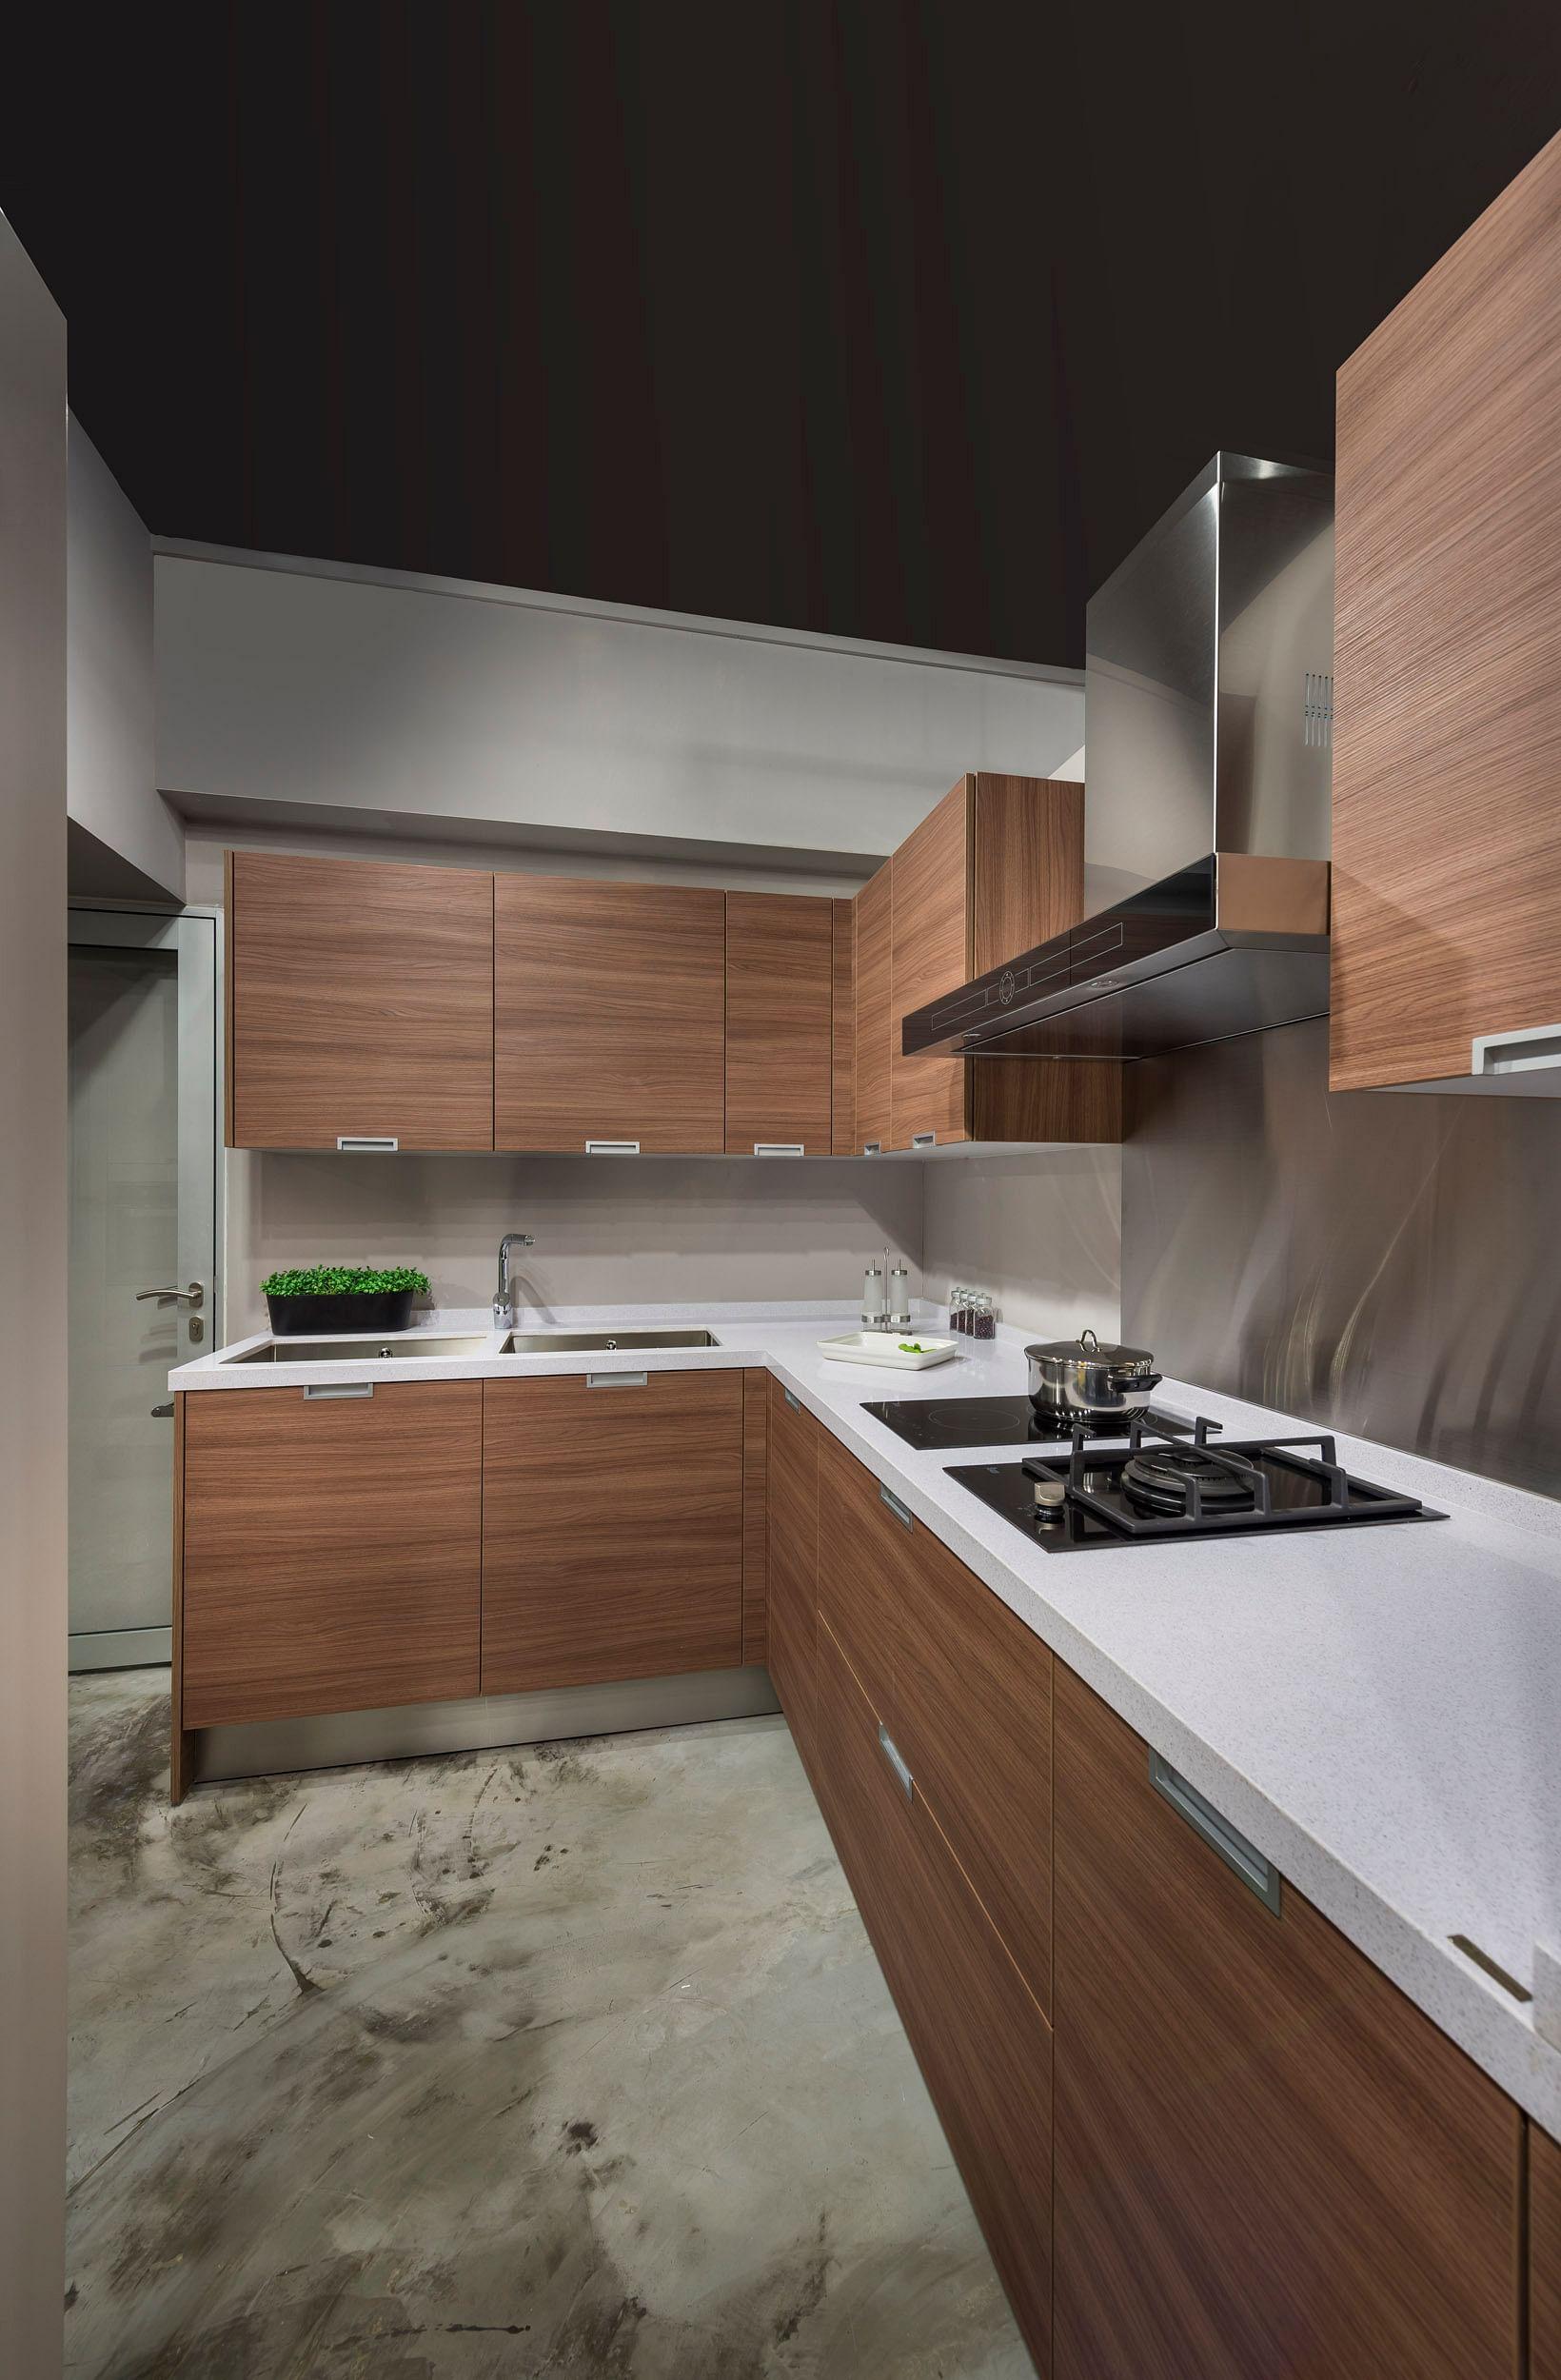 Kitchen design photos singapore -  Kitchen Design Ideas Singapore